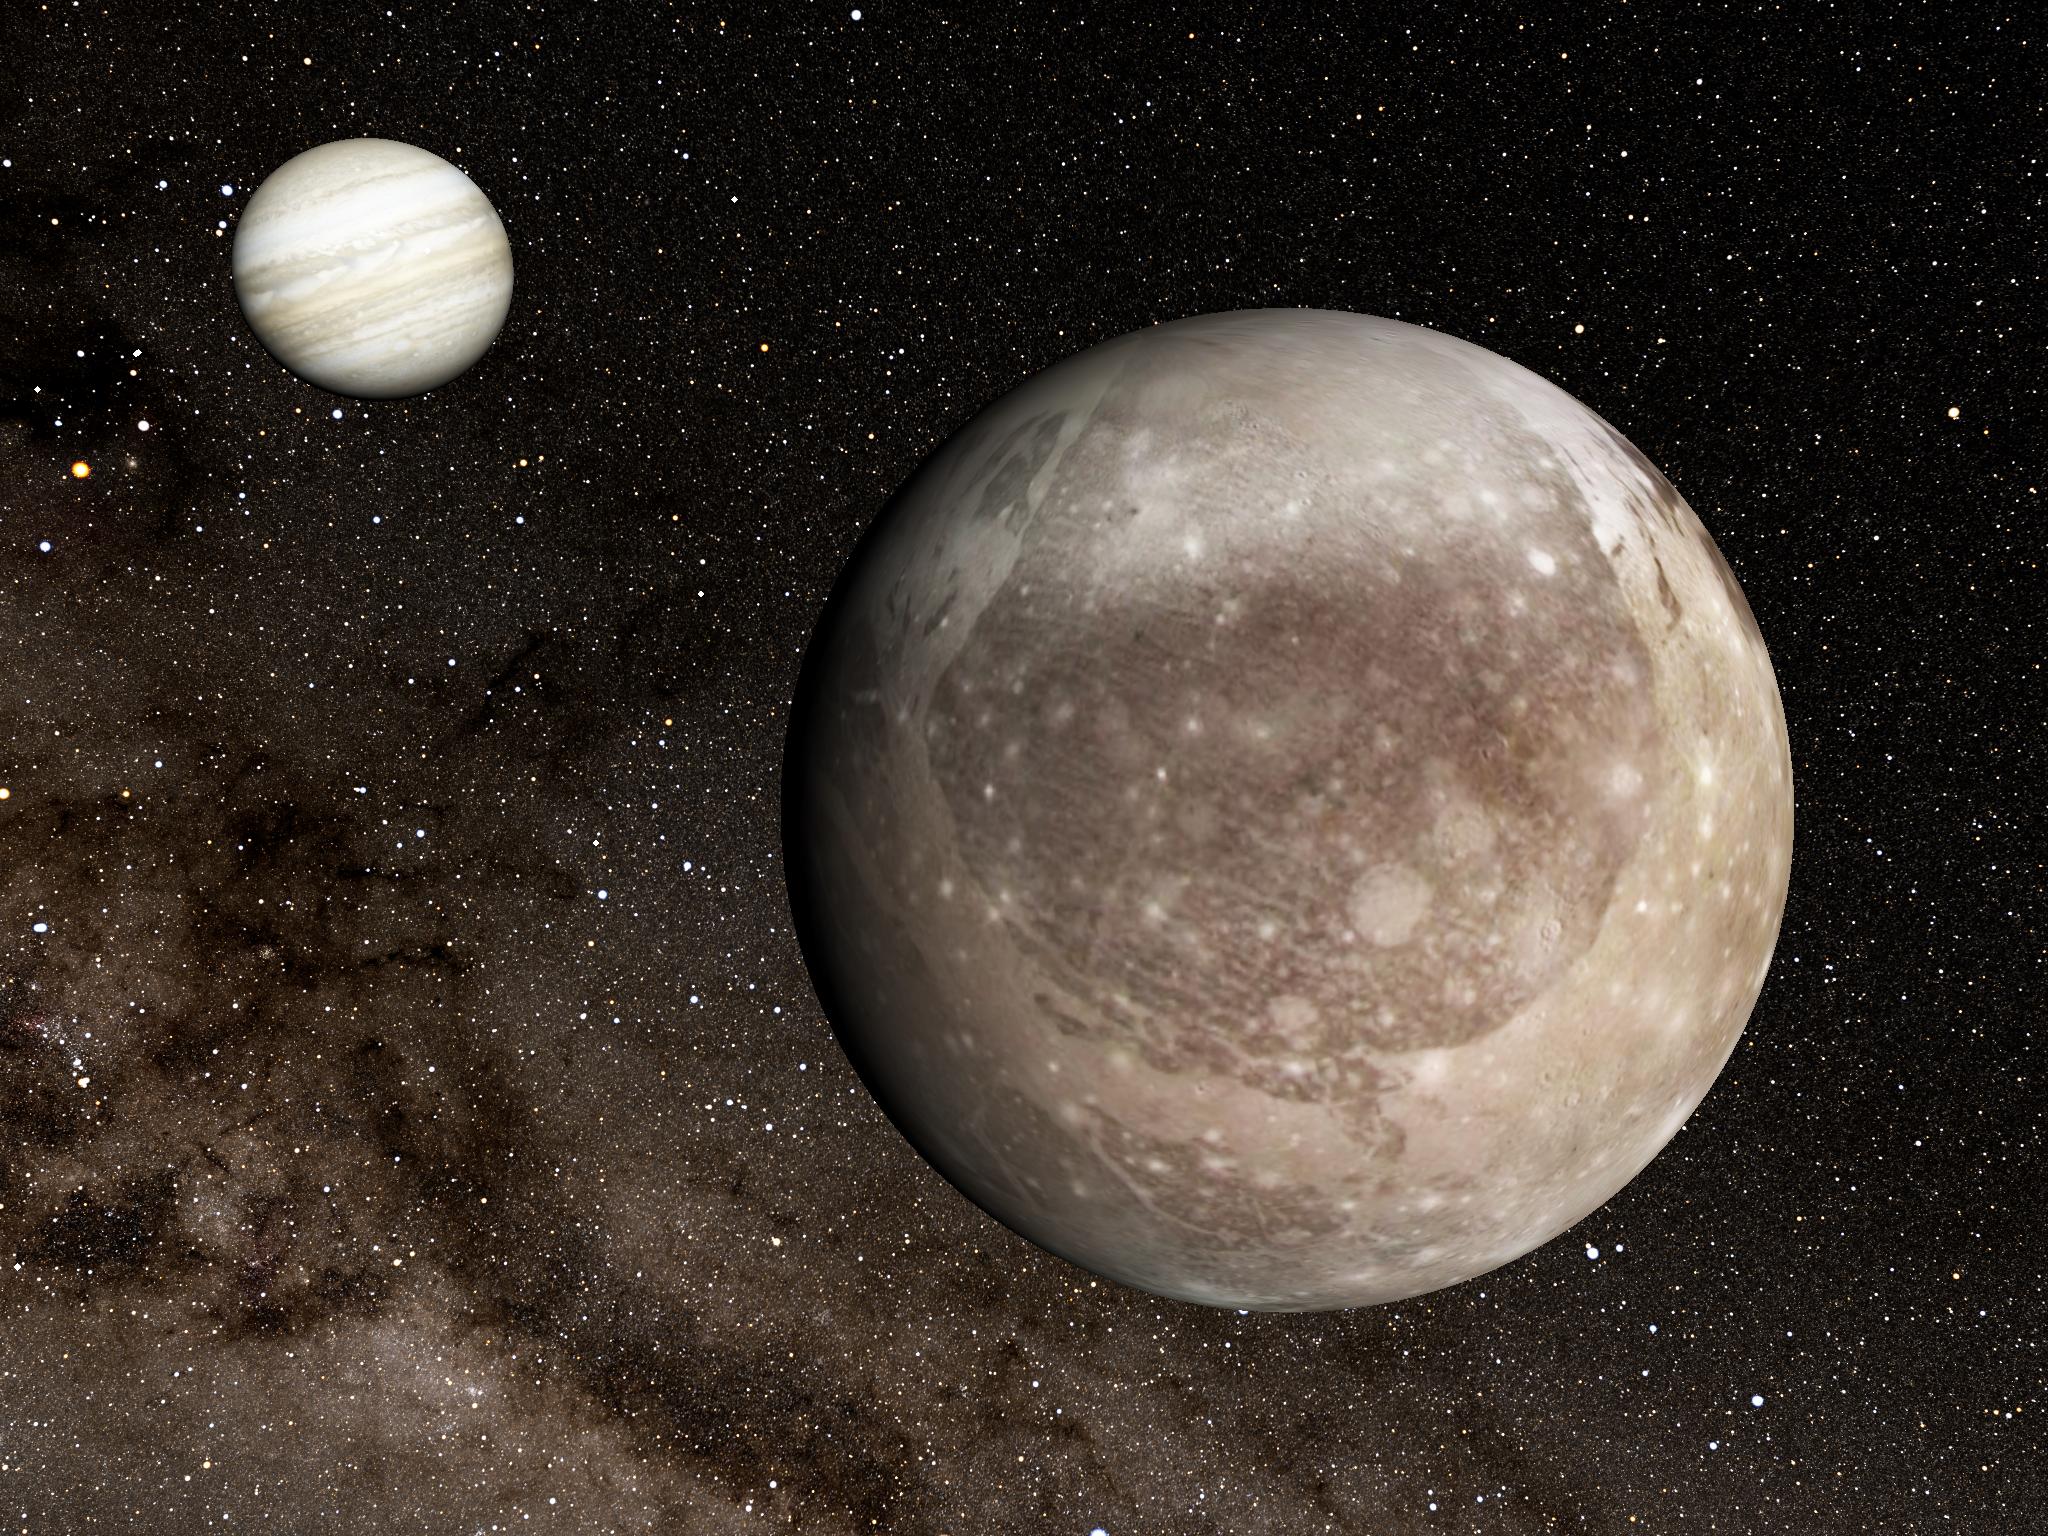 自然科学研究機構 国立天文台ガニメデの表面に太陽系最大の衝突クレーターを発見